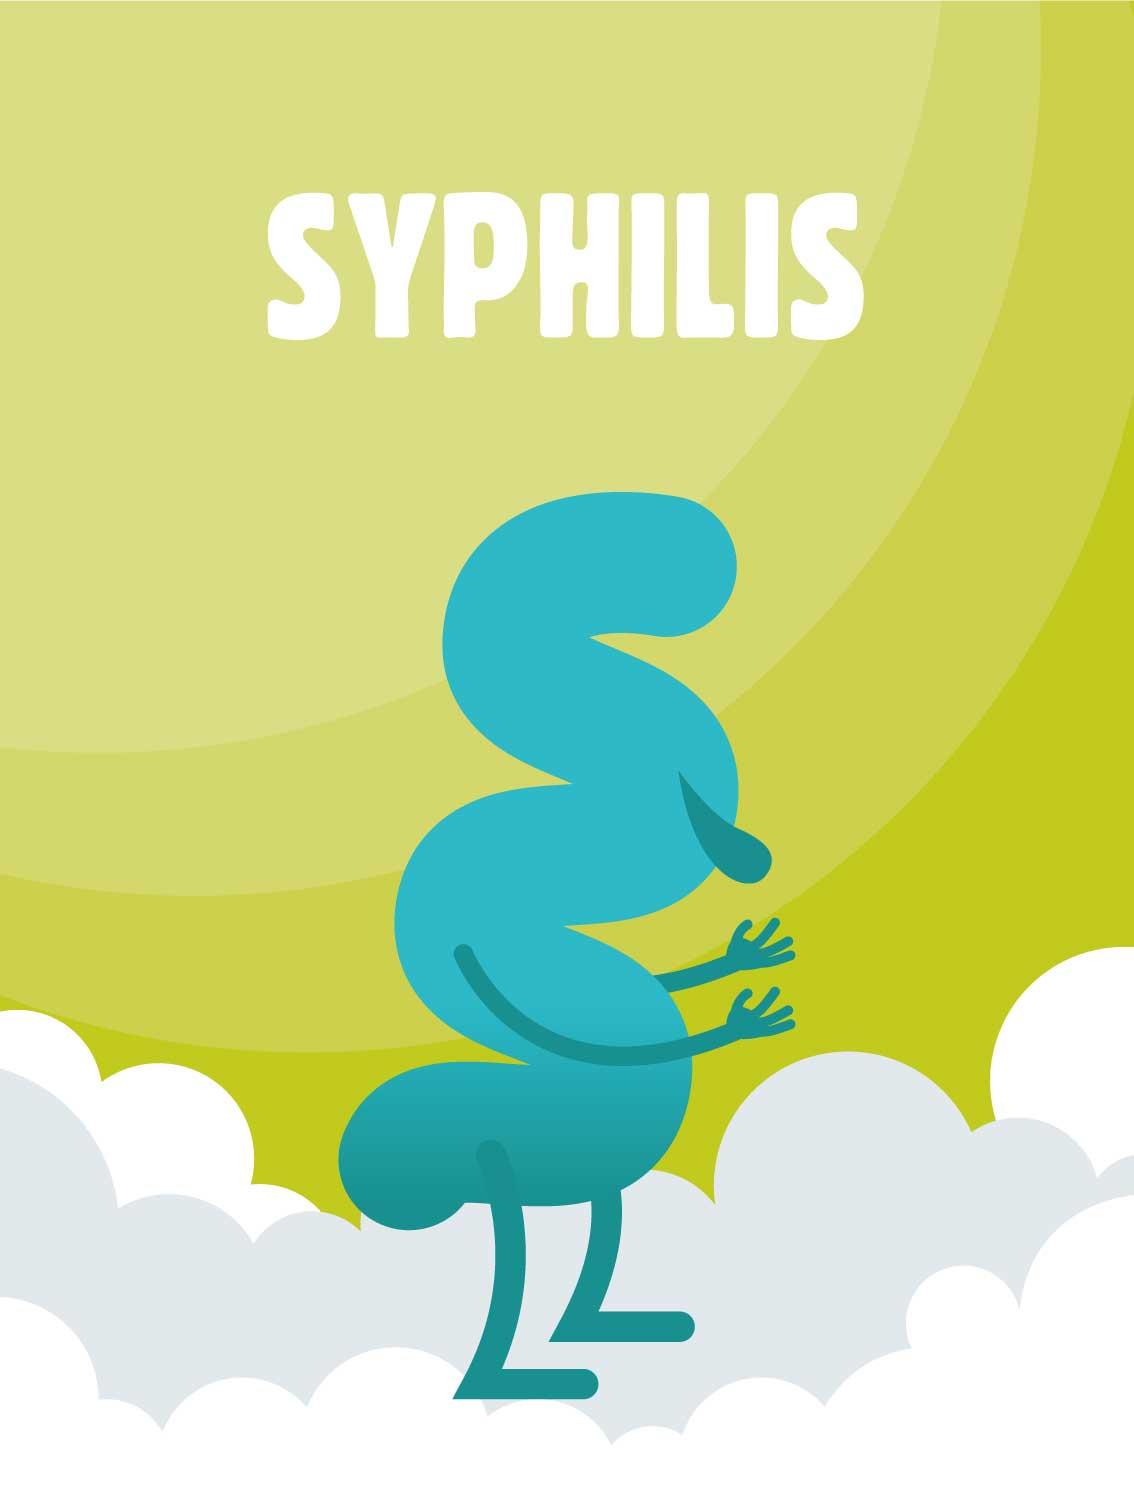 Syphilis, dépistage, IST, MST, infections sexuellement transmissibles, rapport sexuel à risque